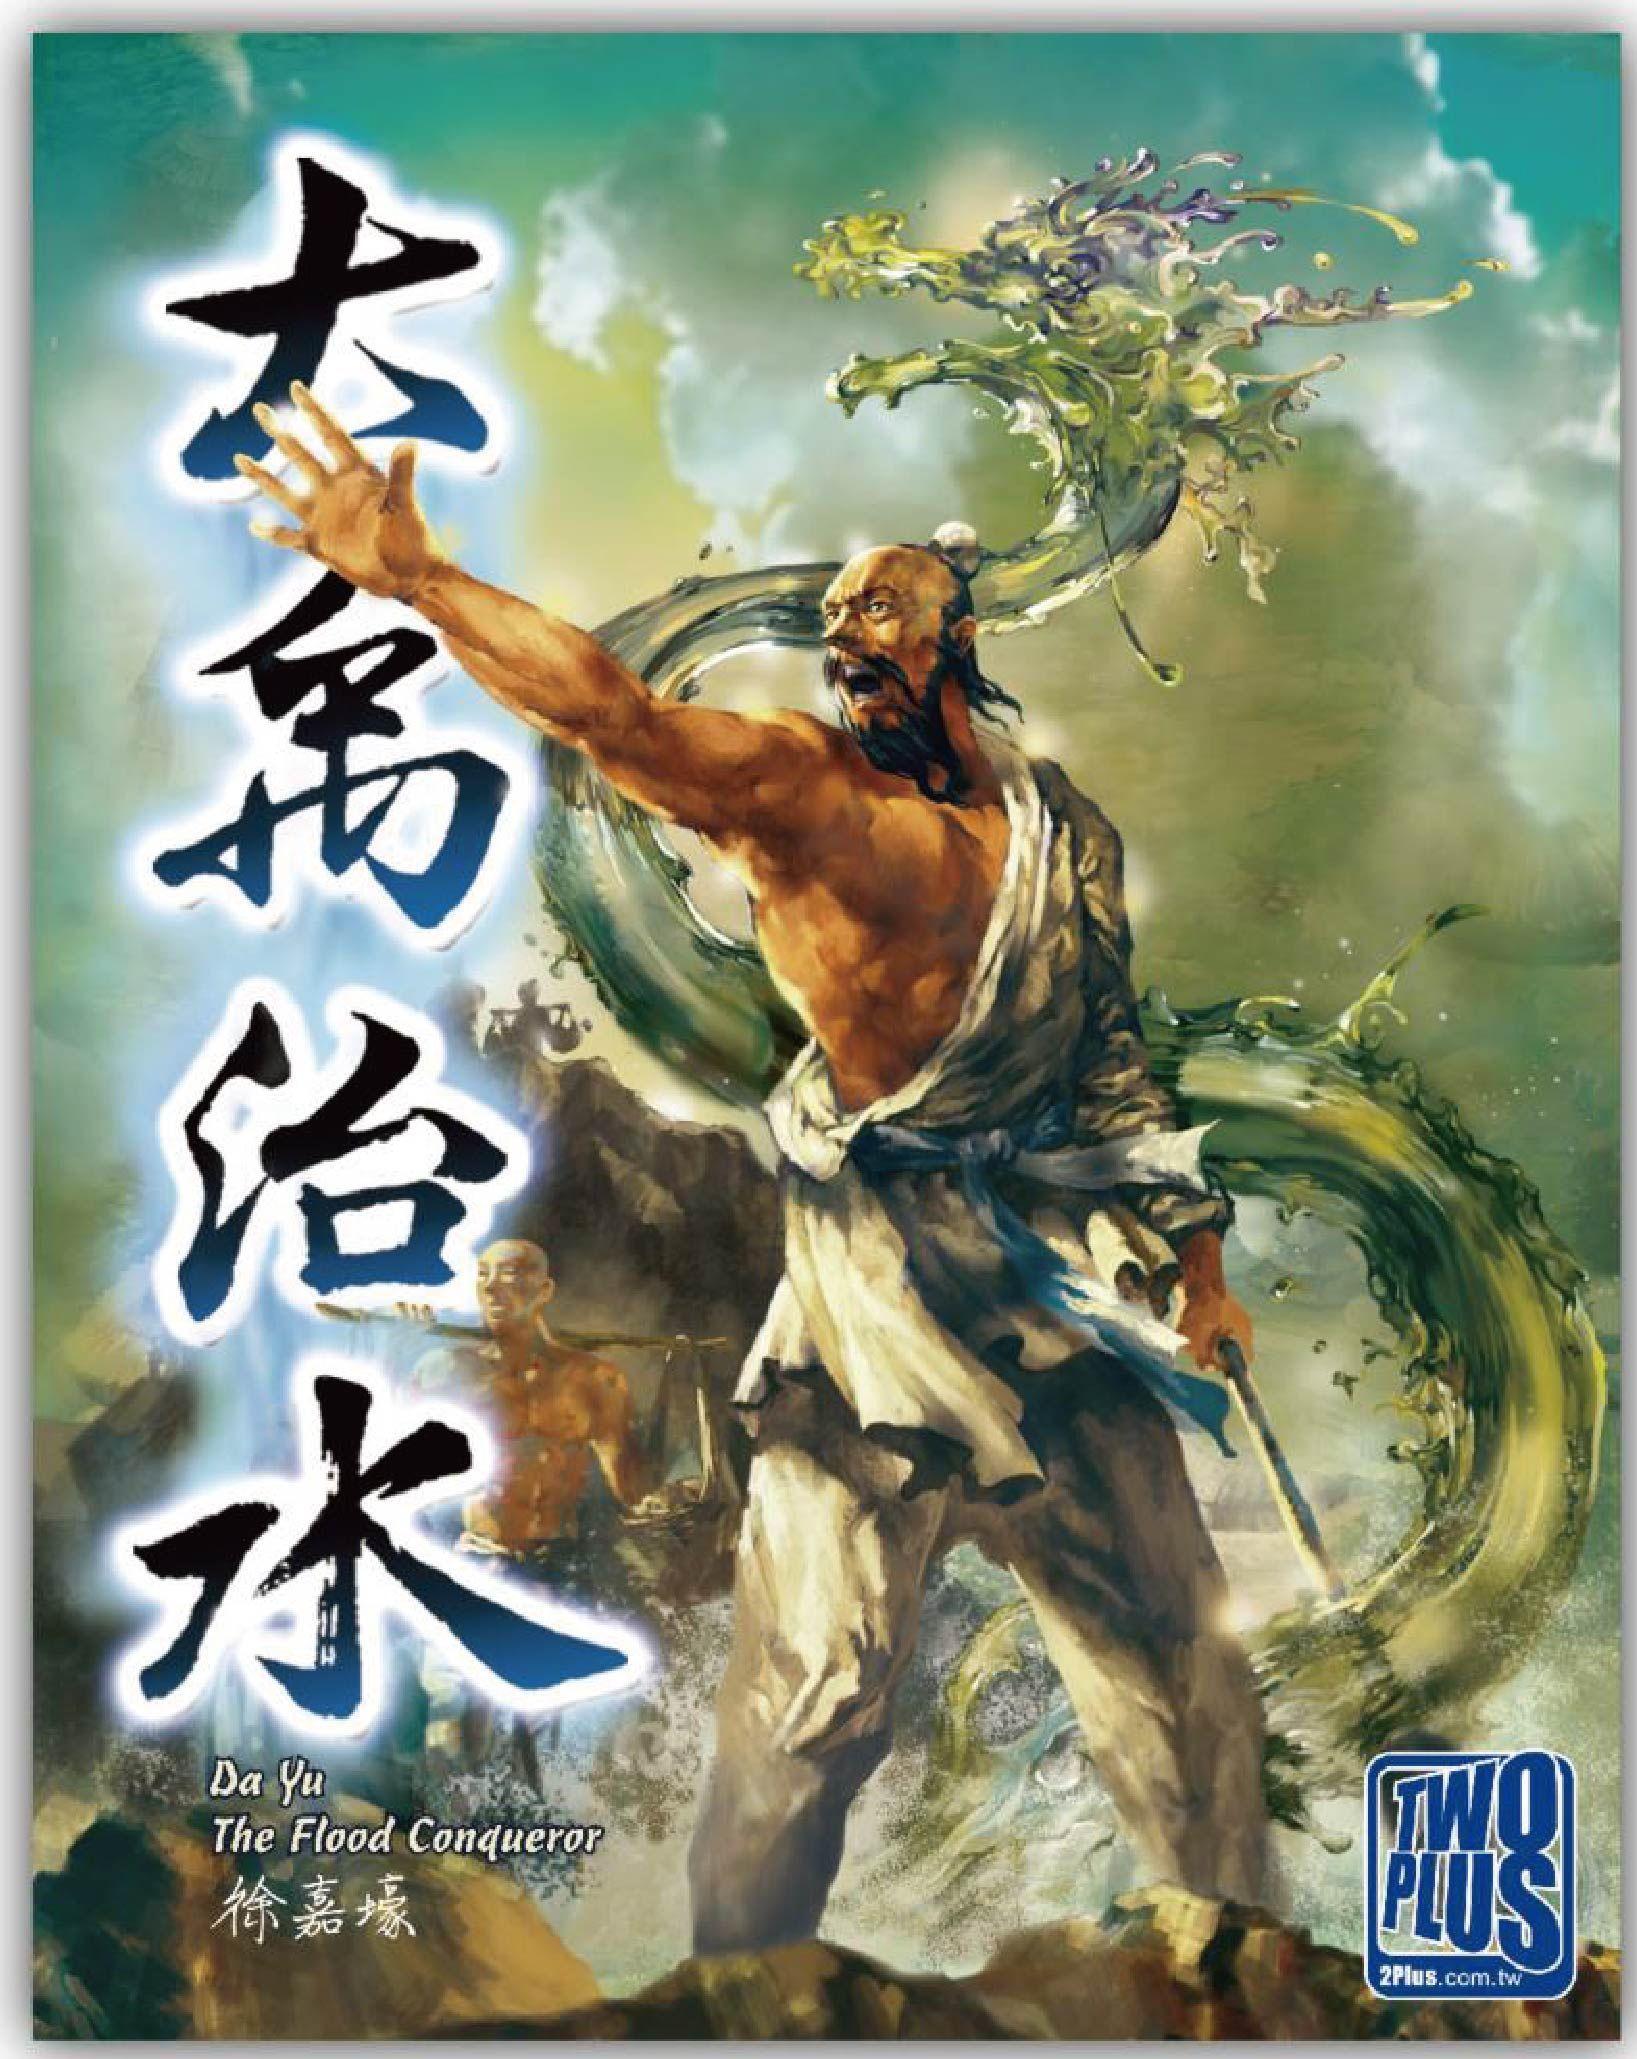 настольная игра Da Yu: The Flood Conqueror Да Ю: Победитель Потопа